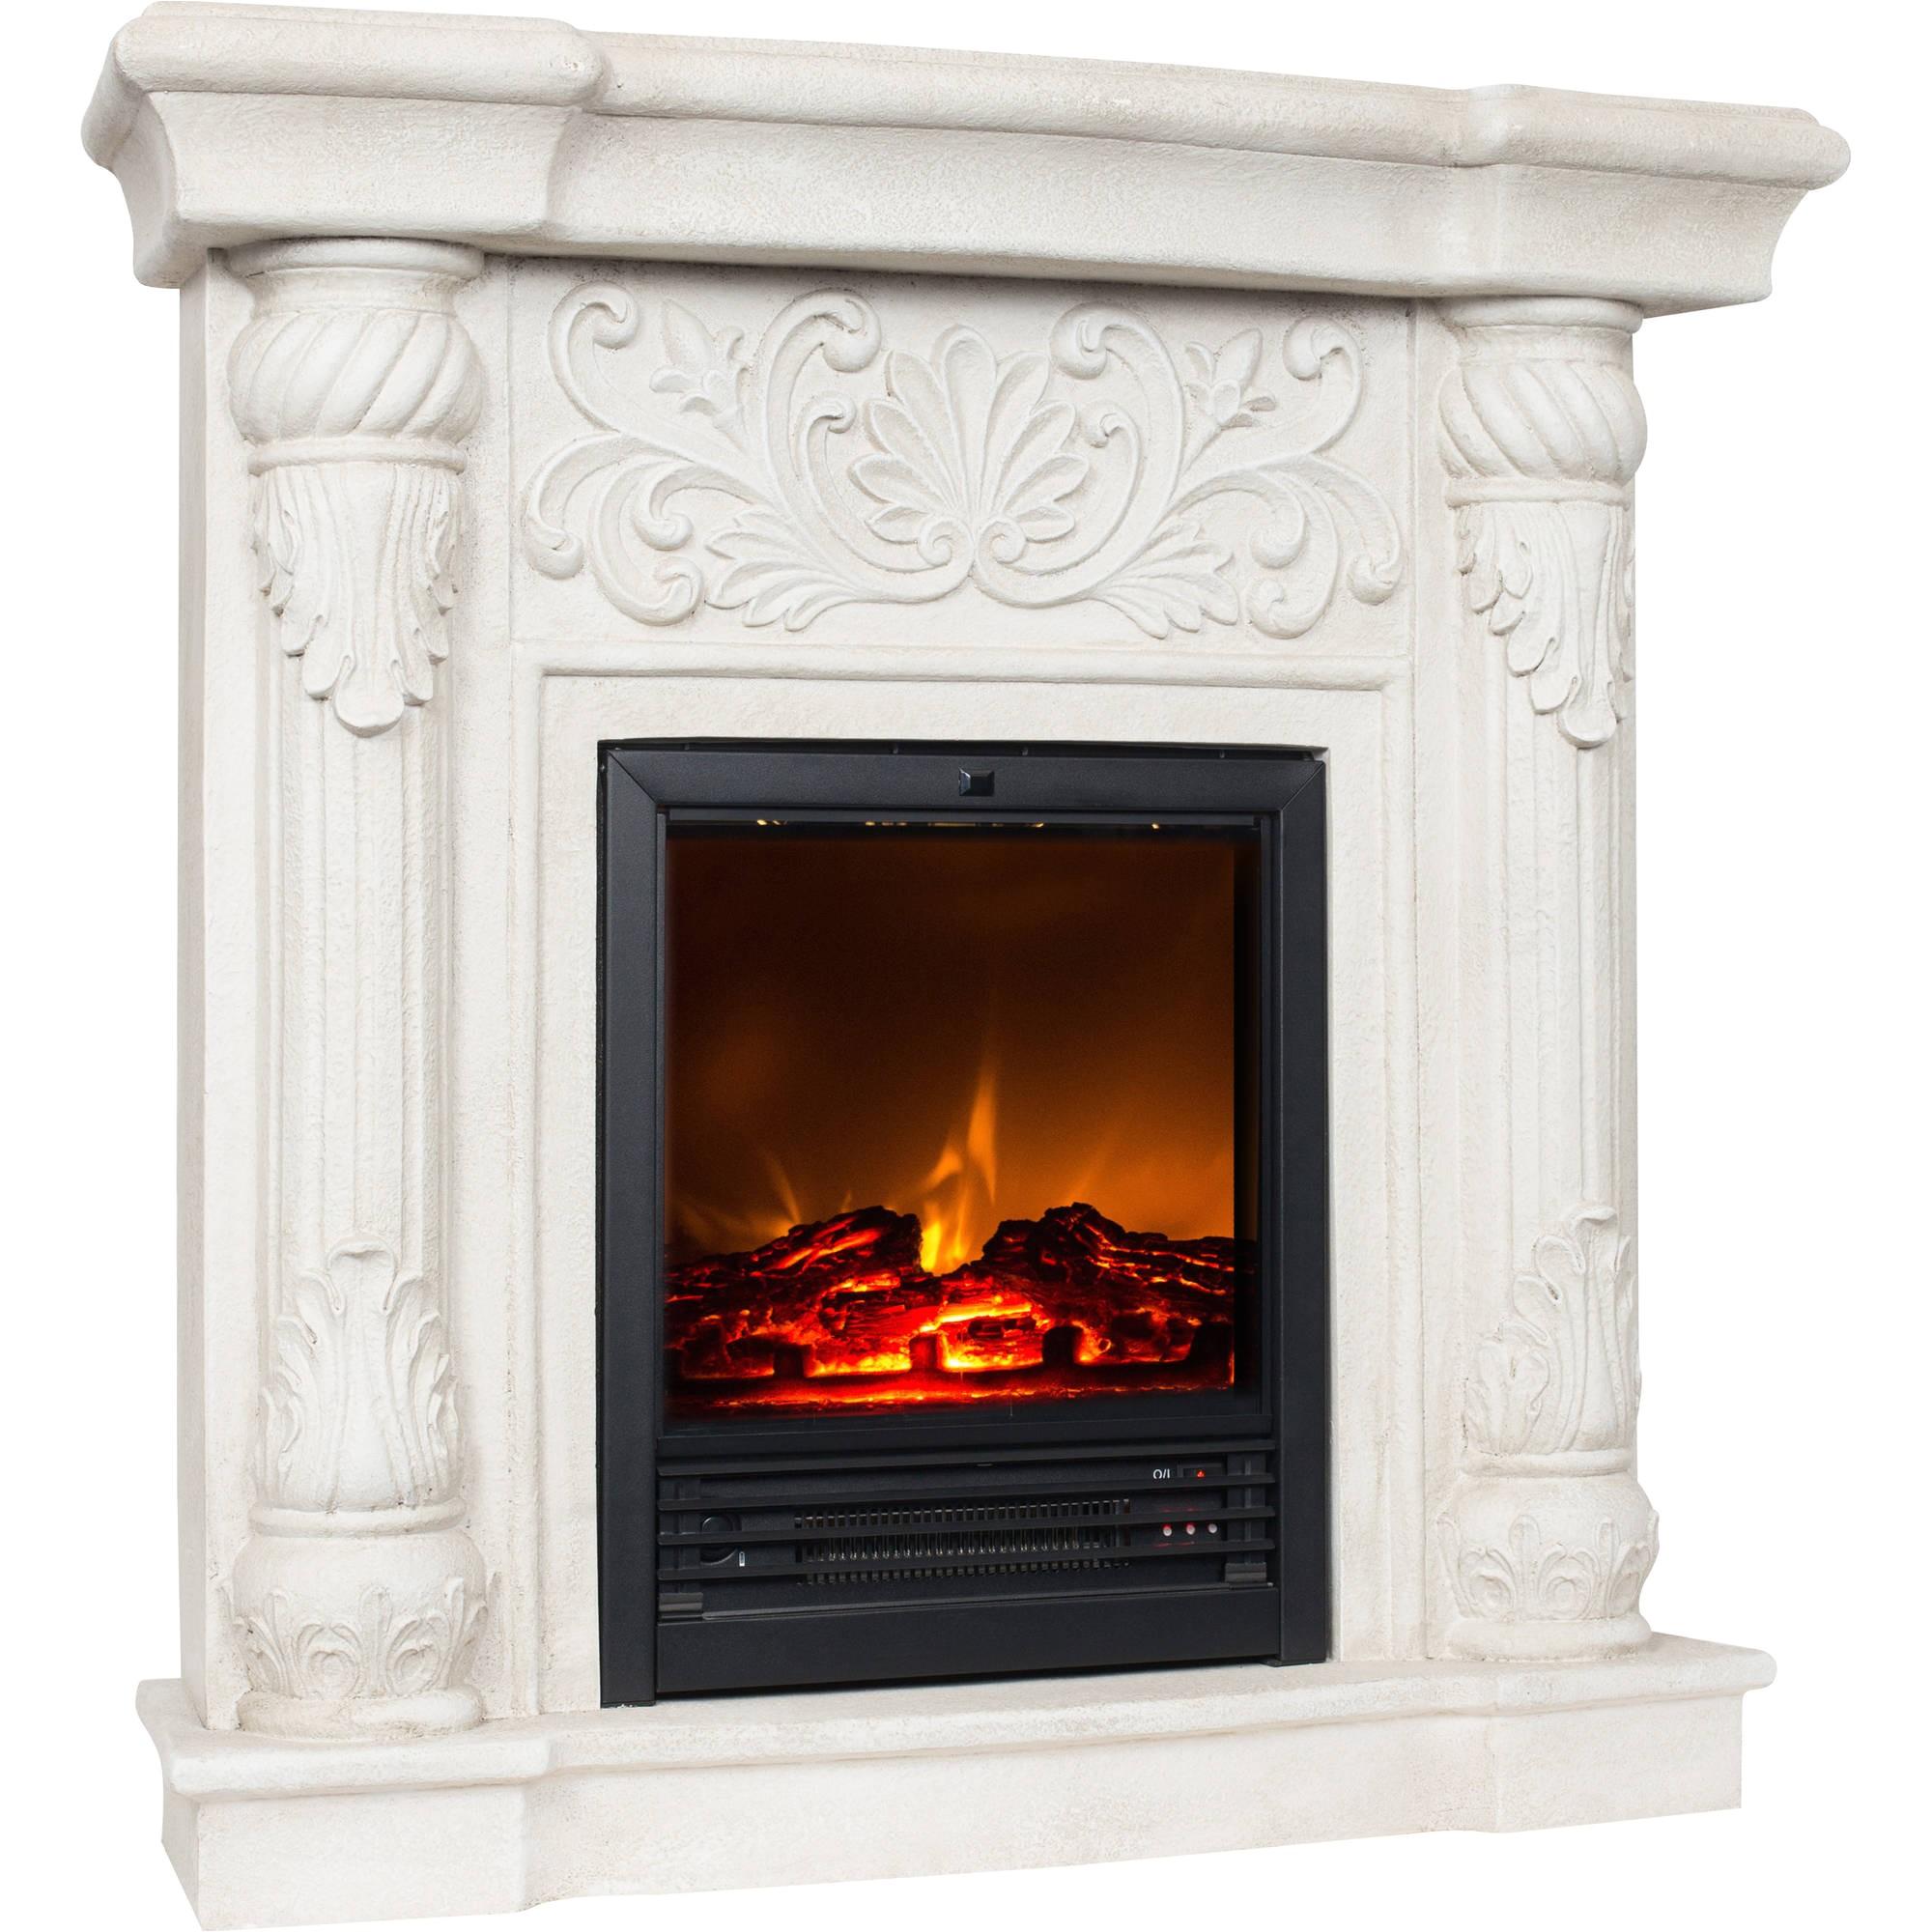 26 polyfiber electric fireplace tan